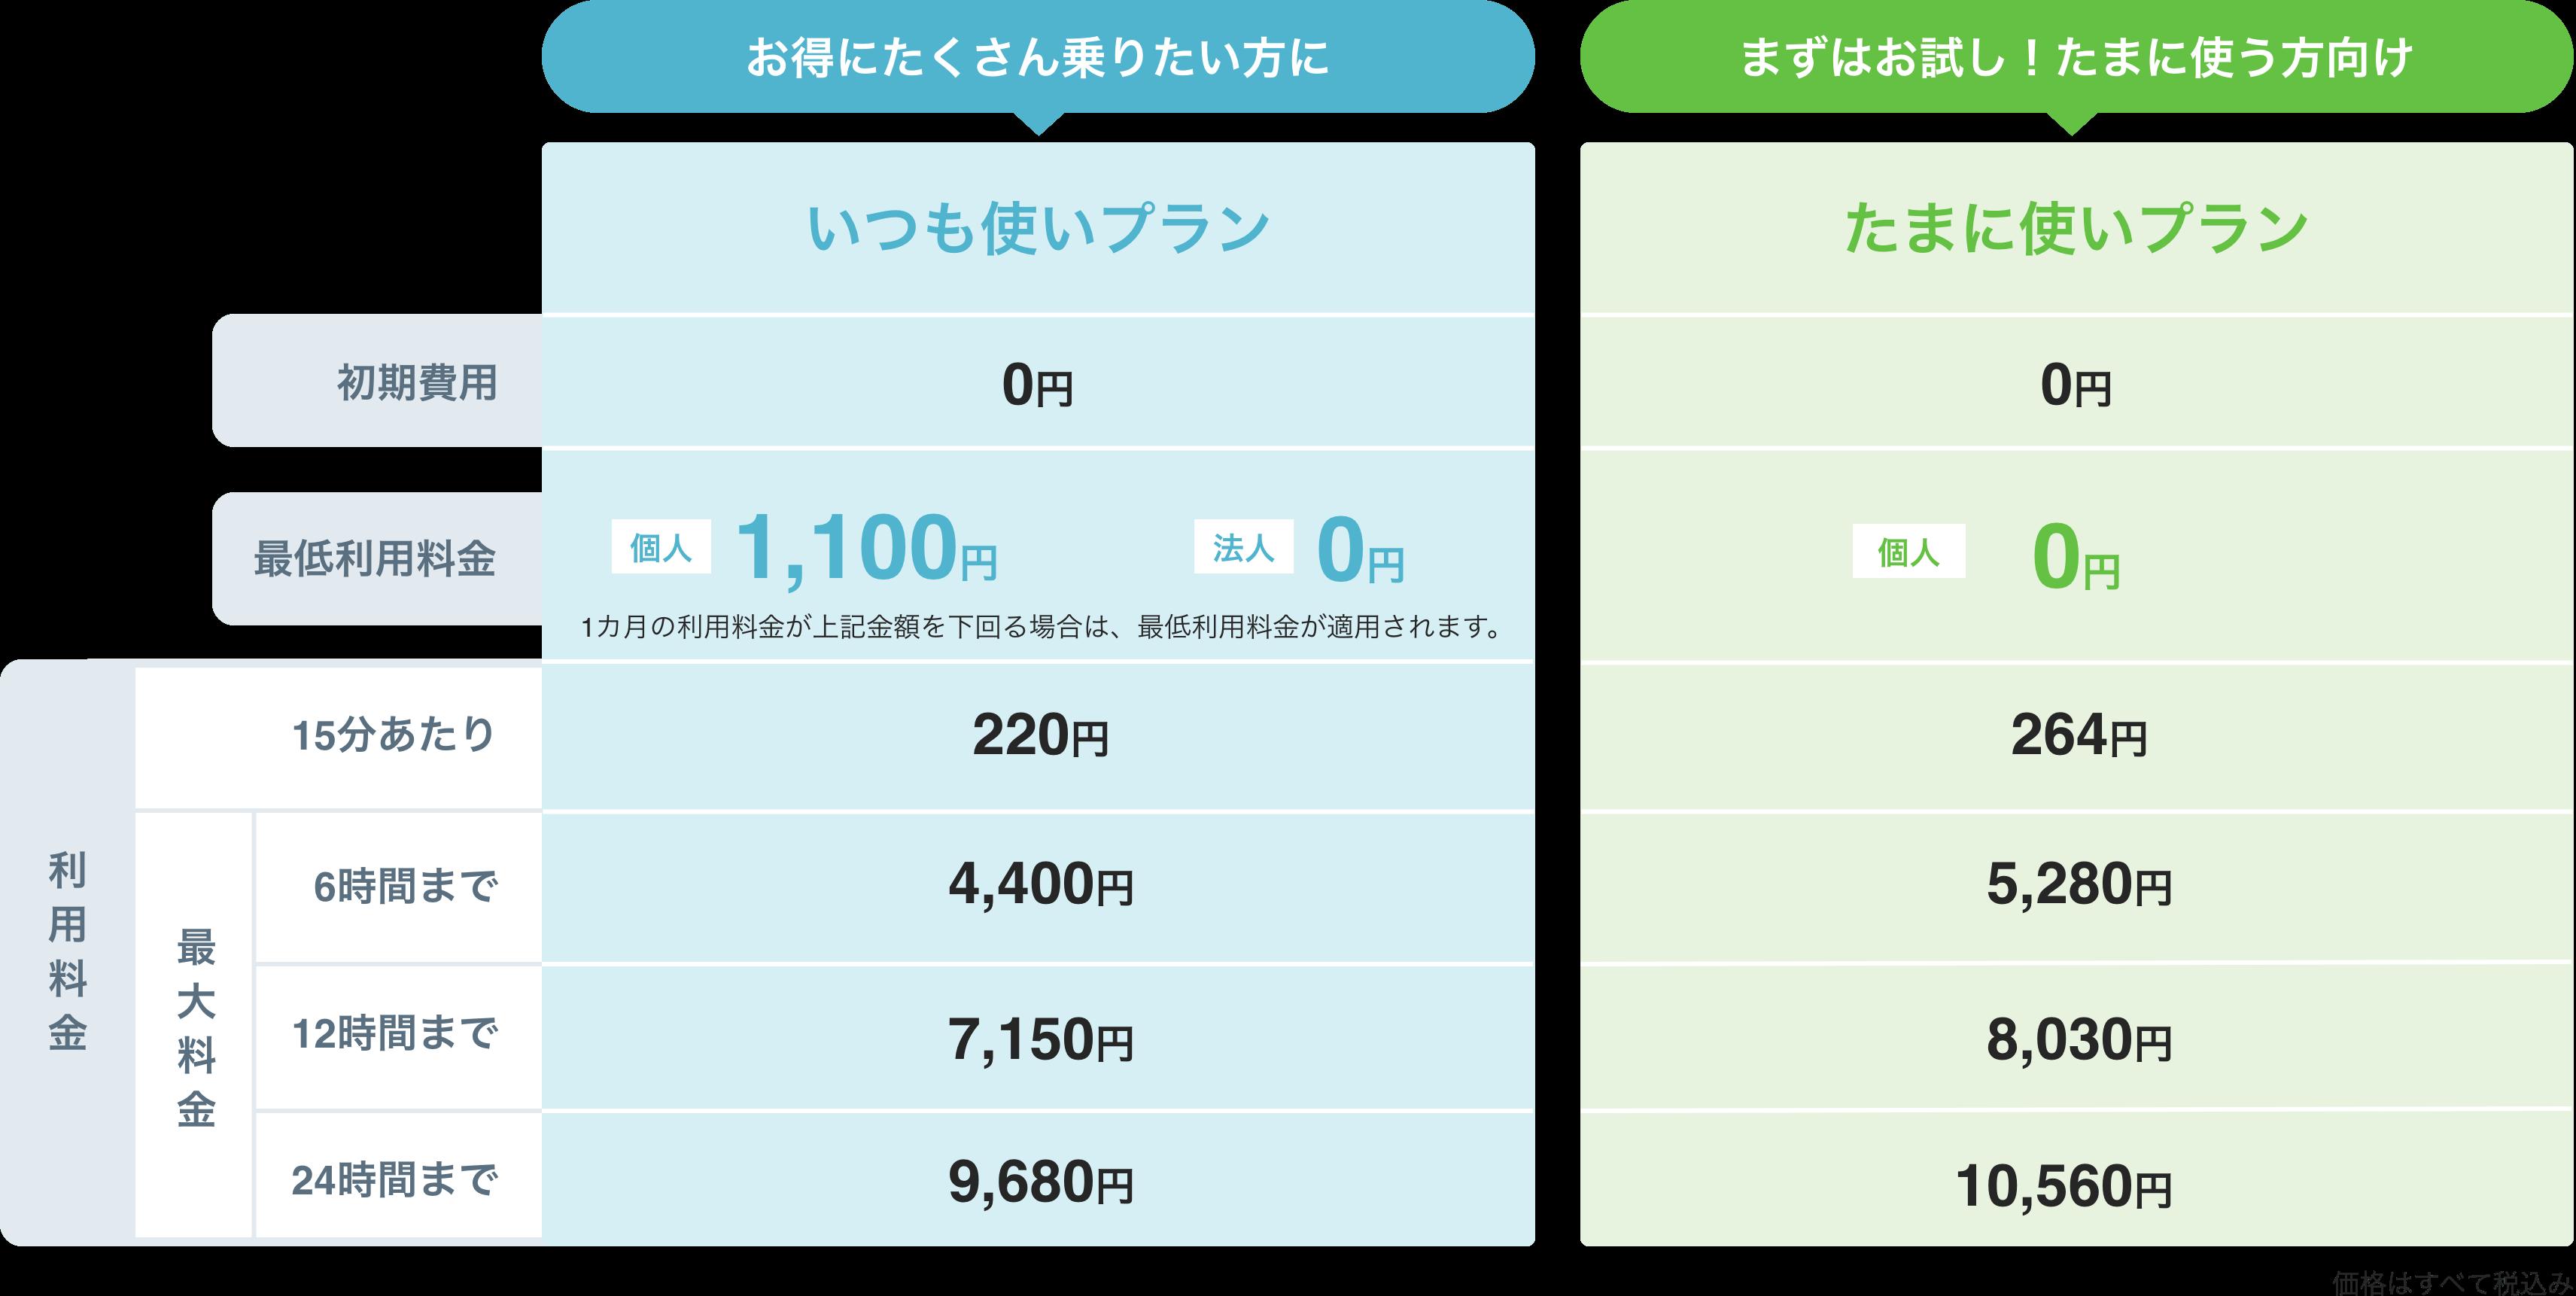 小田原のEVカーシェアリングeemo(イーモ)の料金表。いつも使いプラン:EVカーシェアリングを月に1回以上ご利用される方におすすめの料金プランです。たまに使いプラン:EVカーシェアリングを1~2ヶ月に1回程度ご利用される方におすすめの料金プランです。